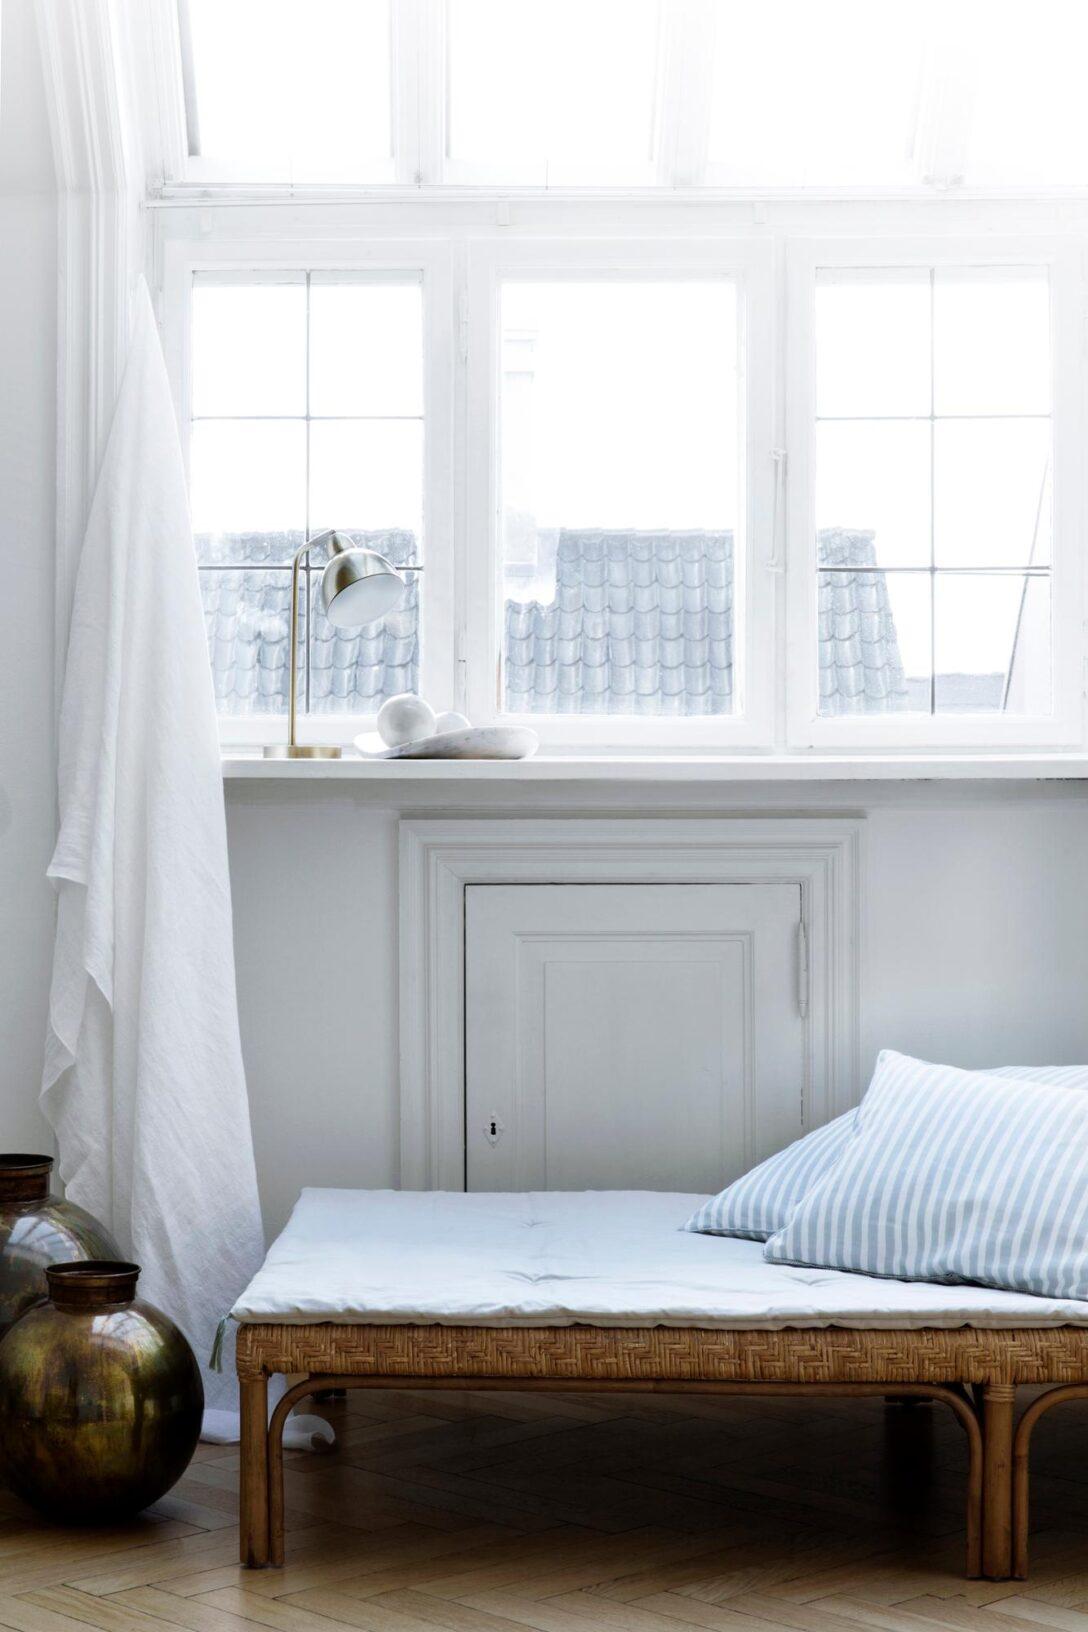 Large Size of Wohnzimmer Liegestuhl Relax Designer Ikea Rattan Liege Kissen Broste Copenhagen Led Lampen Landhausstil Vorhänge Moderne Bilder Fürs Kommode Stehleuchte Wohnzimmer Wohnzimmer Liegestuhl